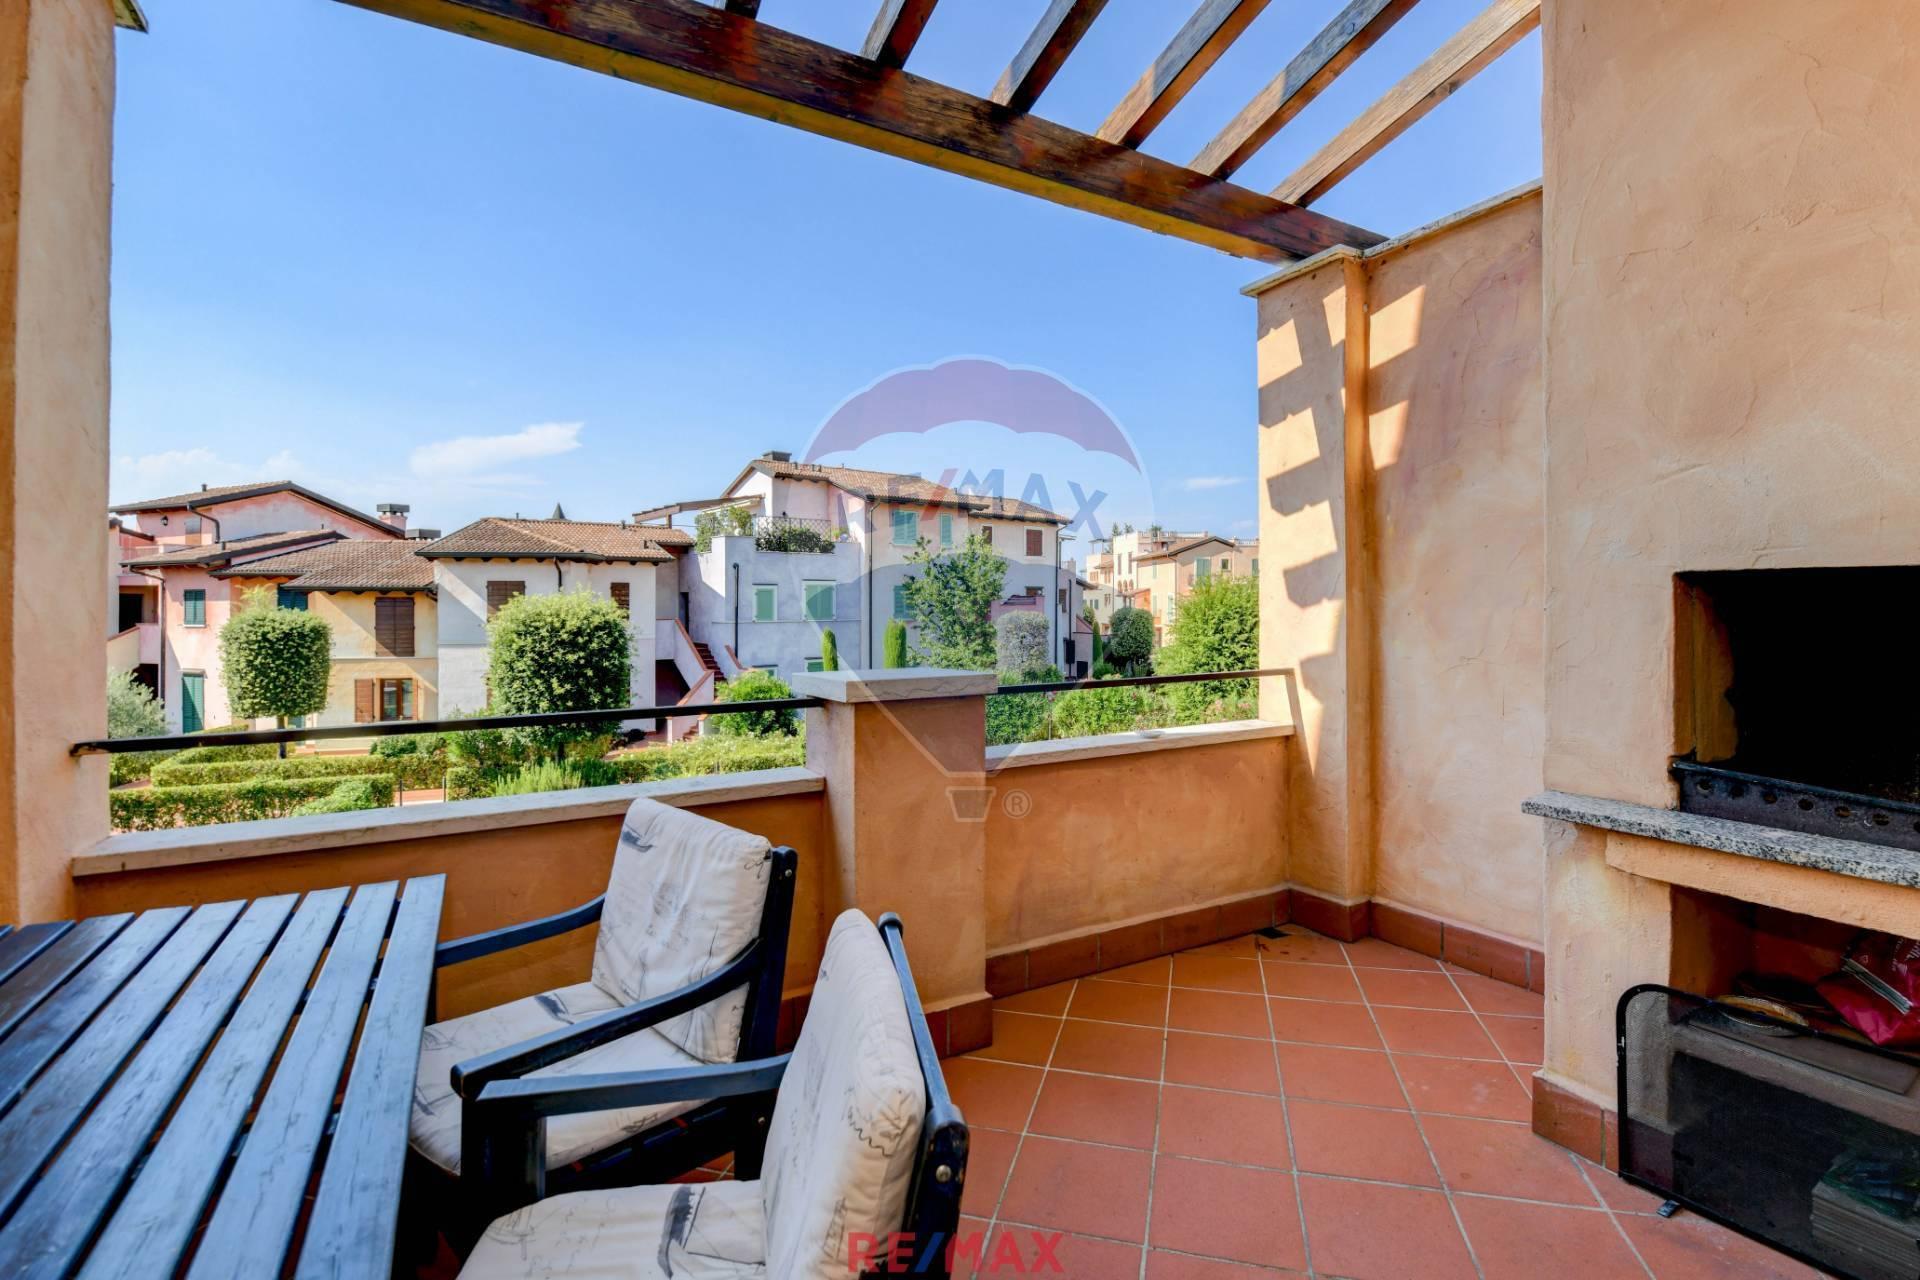 Appartamento in vendita a Peschiera del Garda, 2 locali, zona Località: SanBenedettodiLugana, prezzo € 190.000   PortaleAgenzieImmobiliari.it